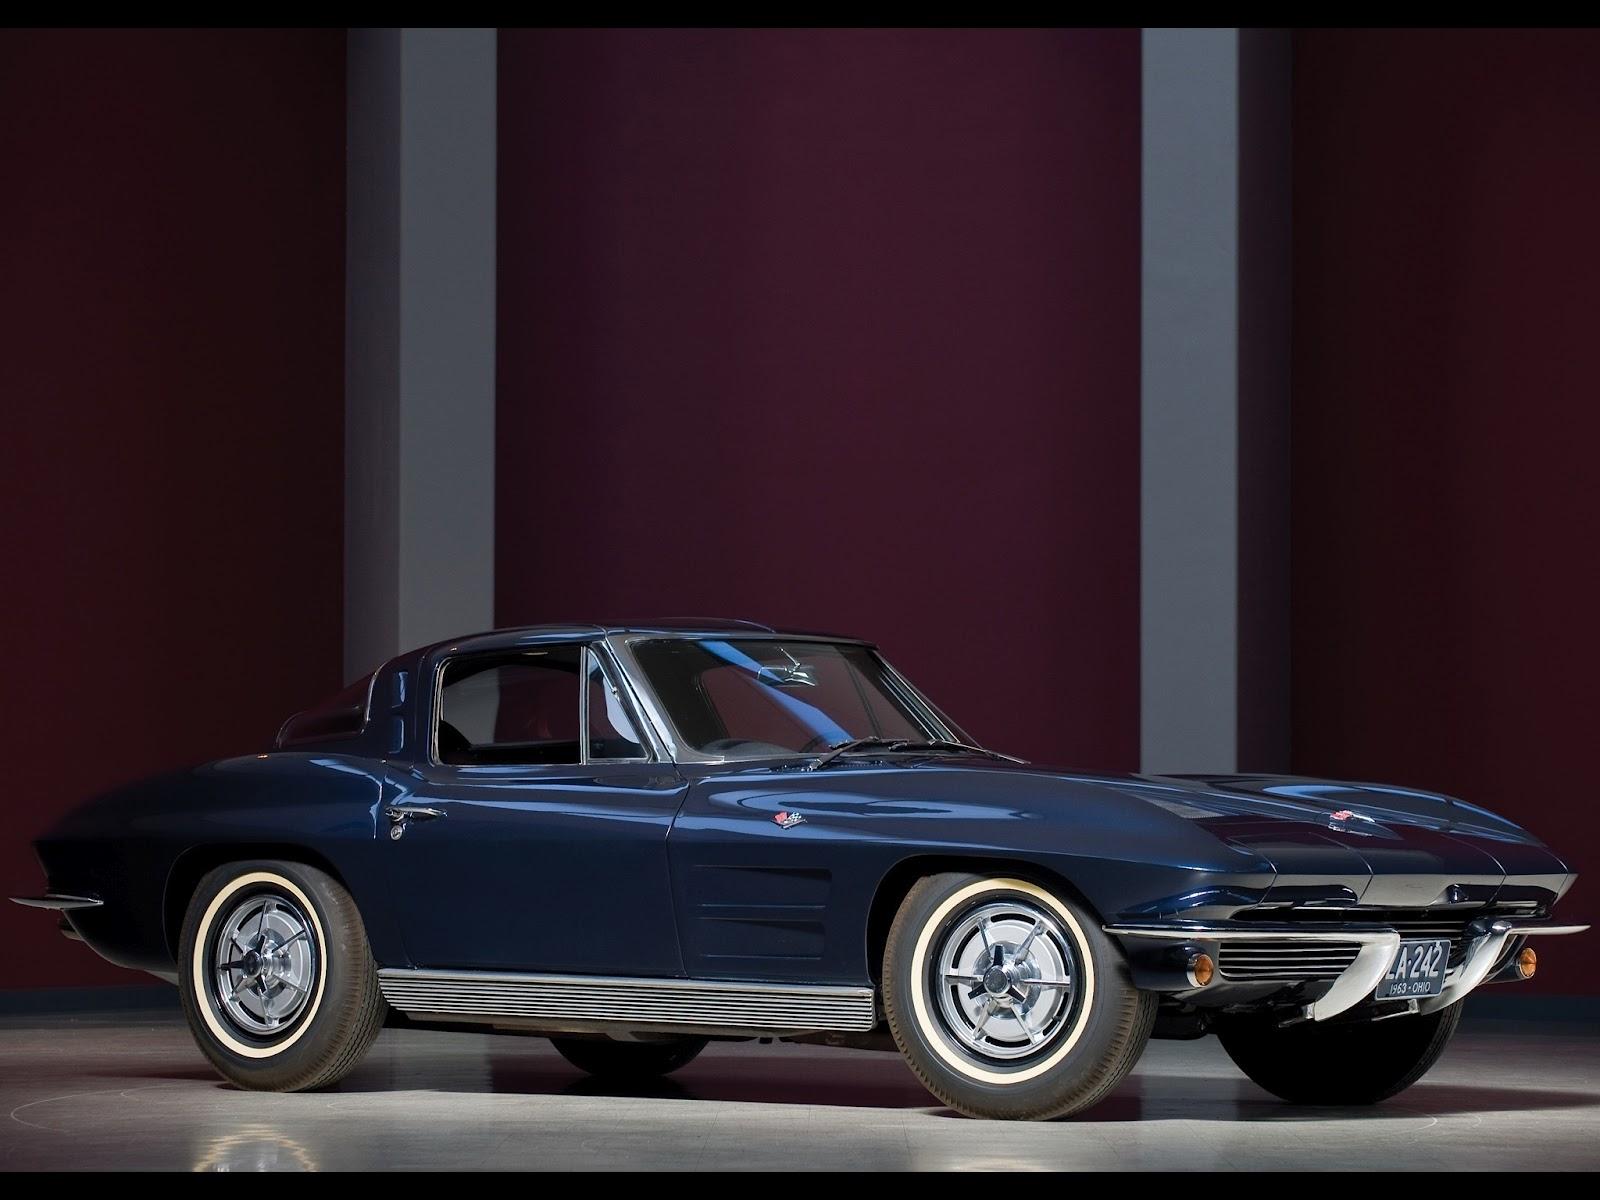 Super+Cars+%2828%29 41 Gerçek HD Masaüstü Süper Araba Resimleri